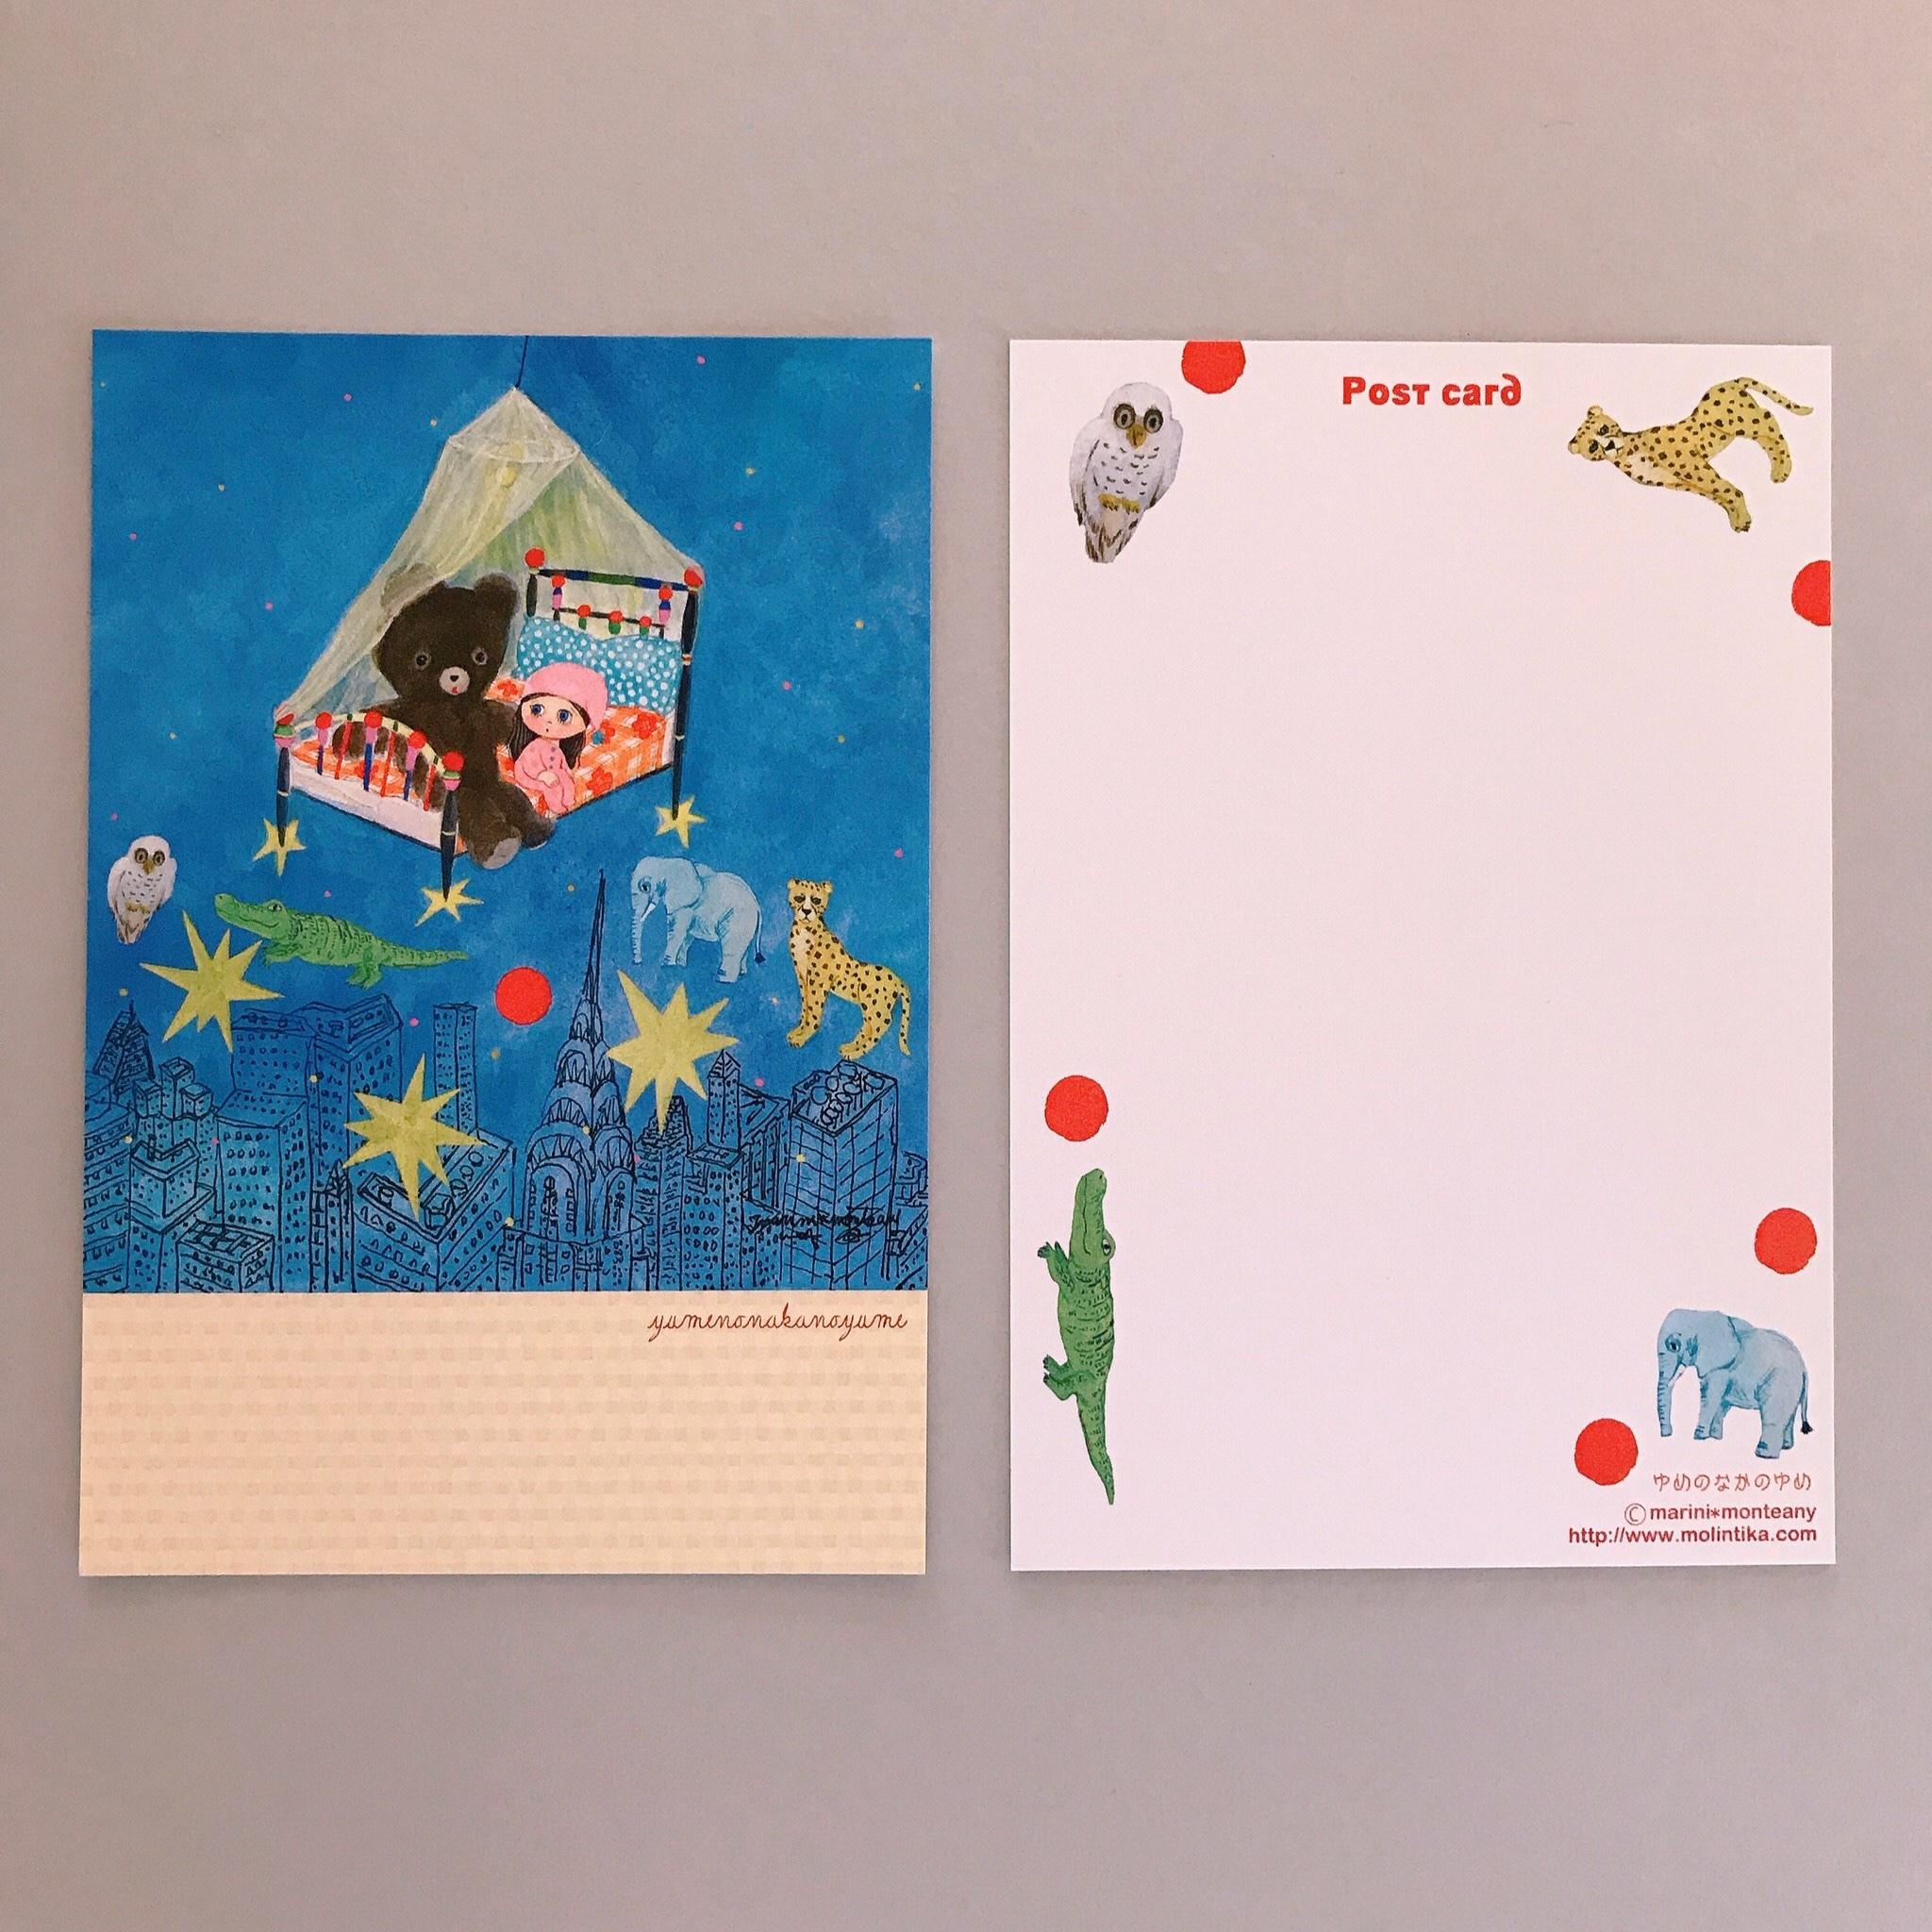 POST CARD「ゆめのなかのゆめ」no.133